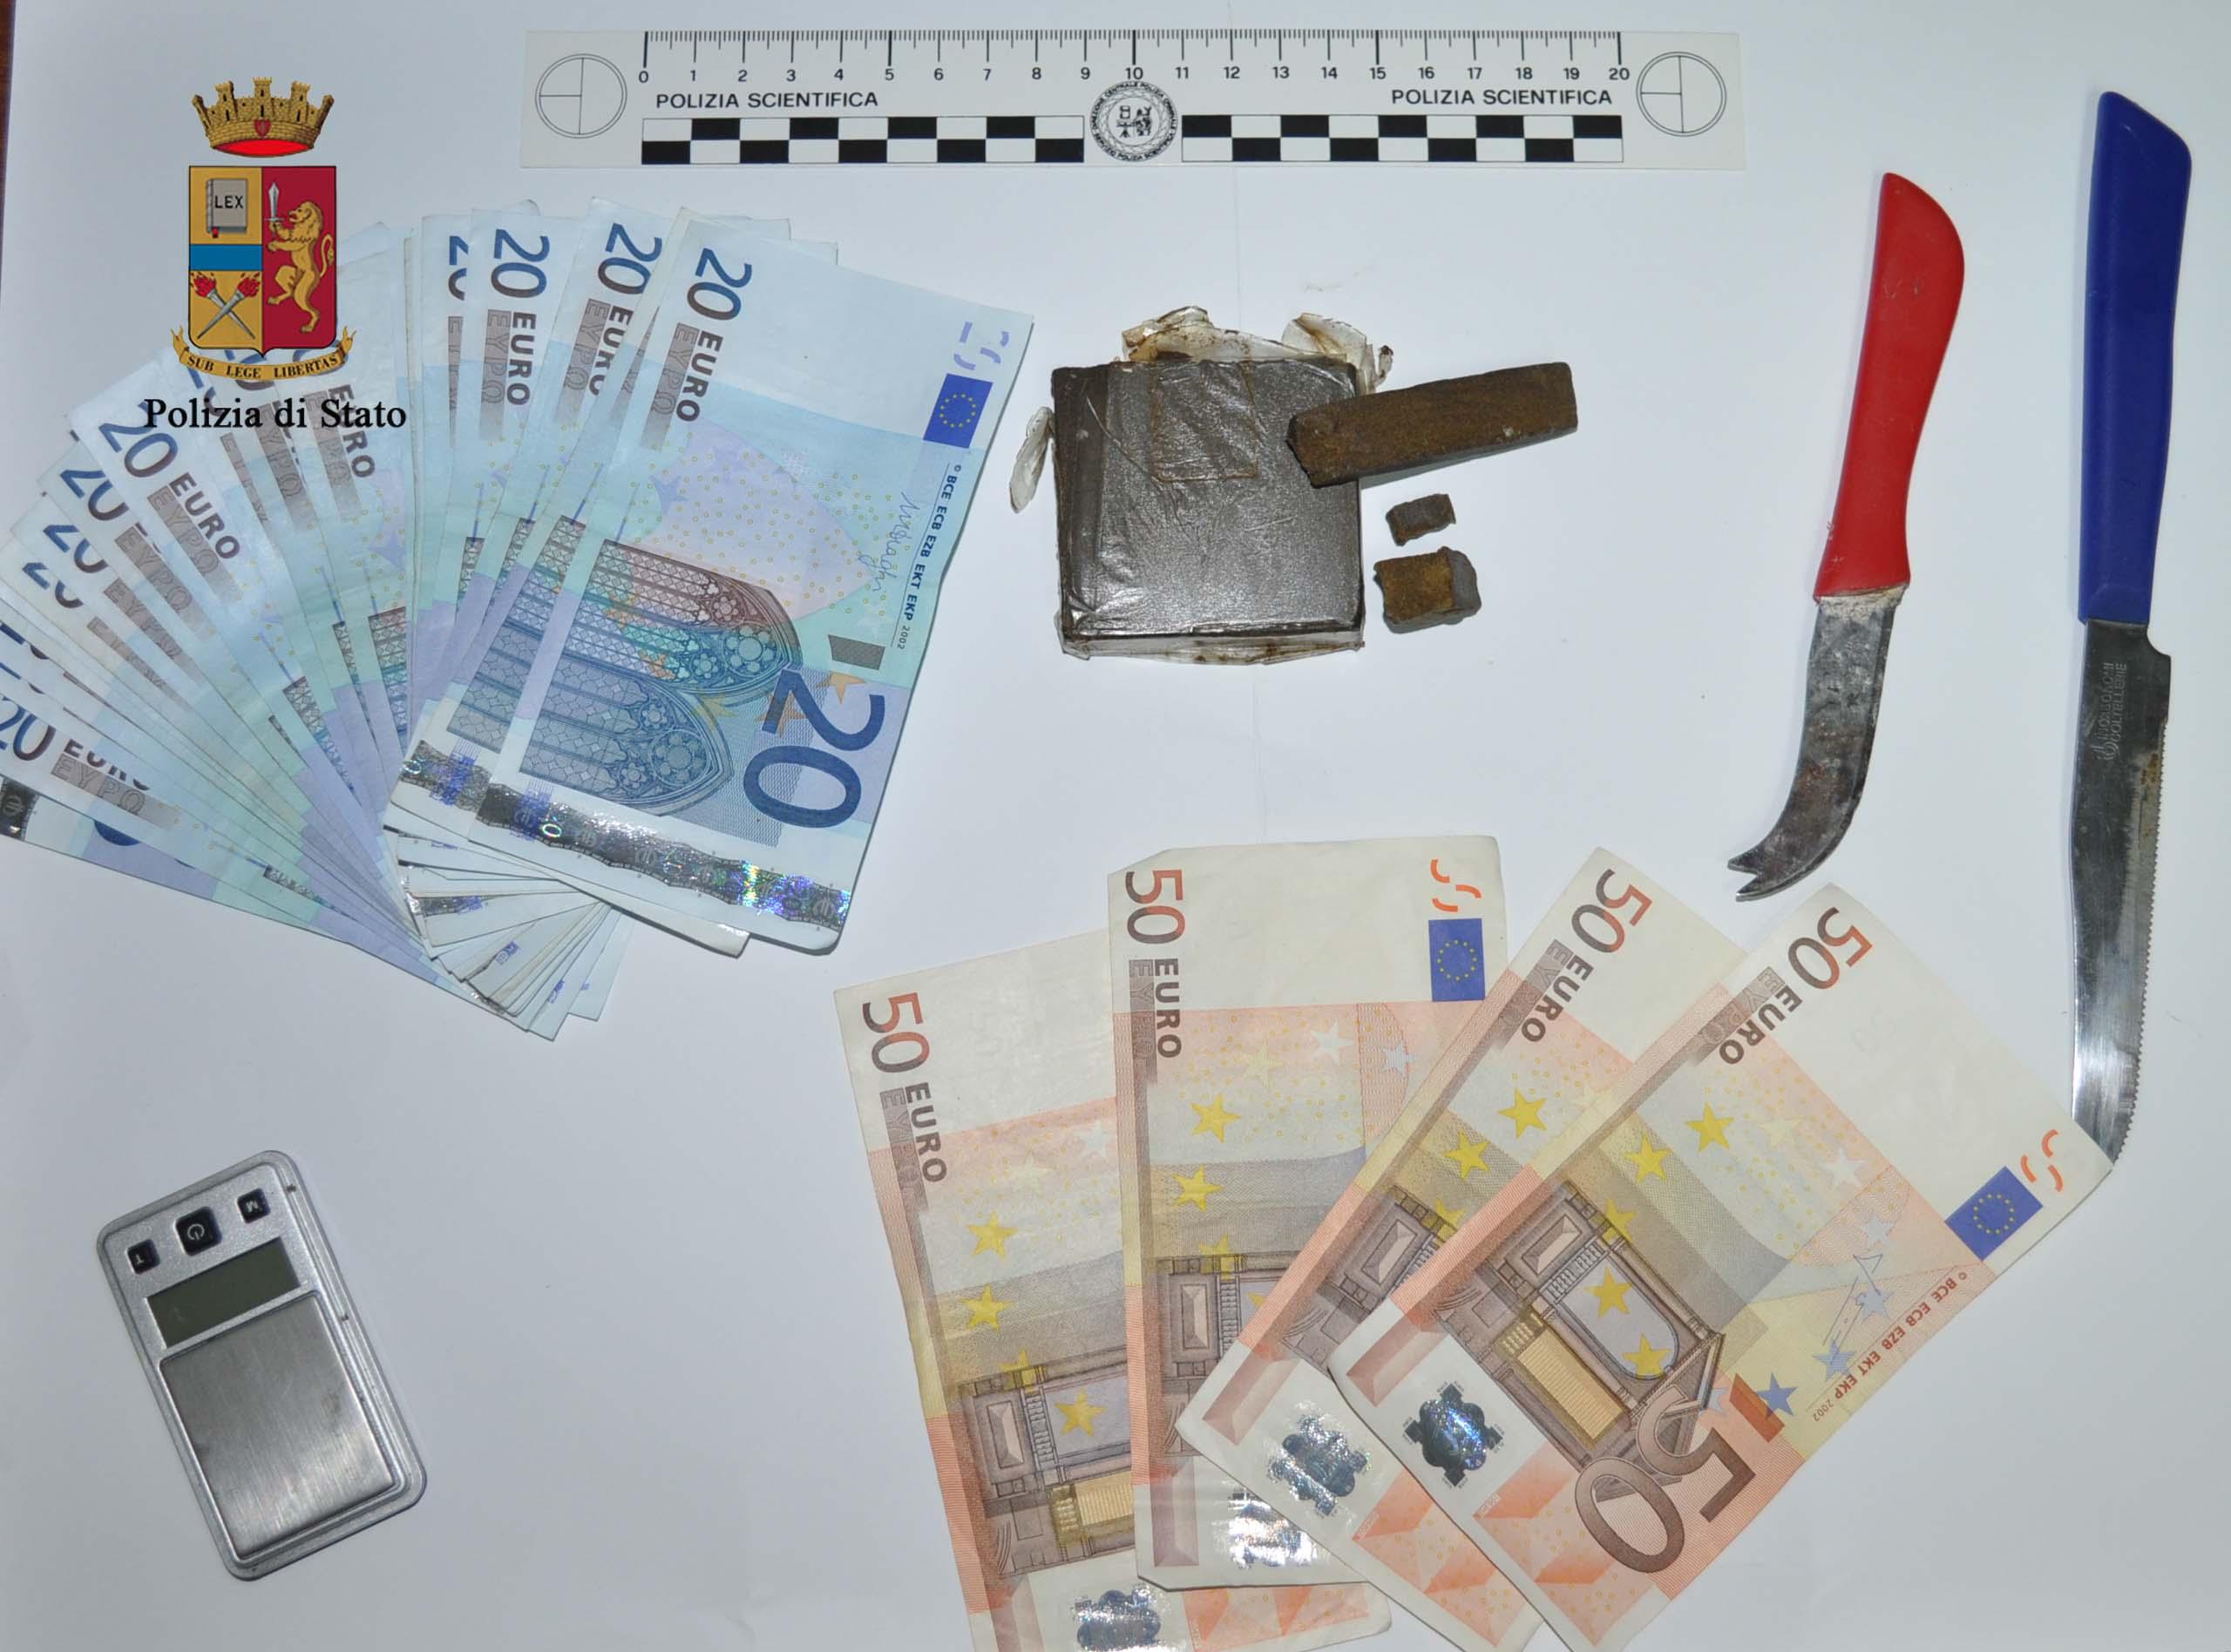 Imola. Contrasto allo spaccio di droga: due arresti, tre denunce e 20 kg di marijuana sequestrati